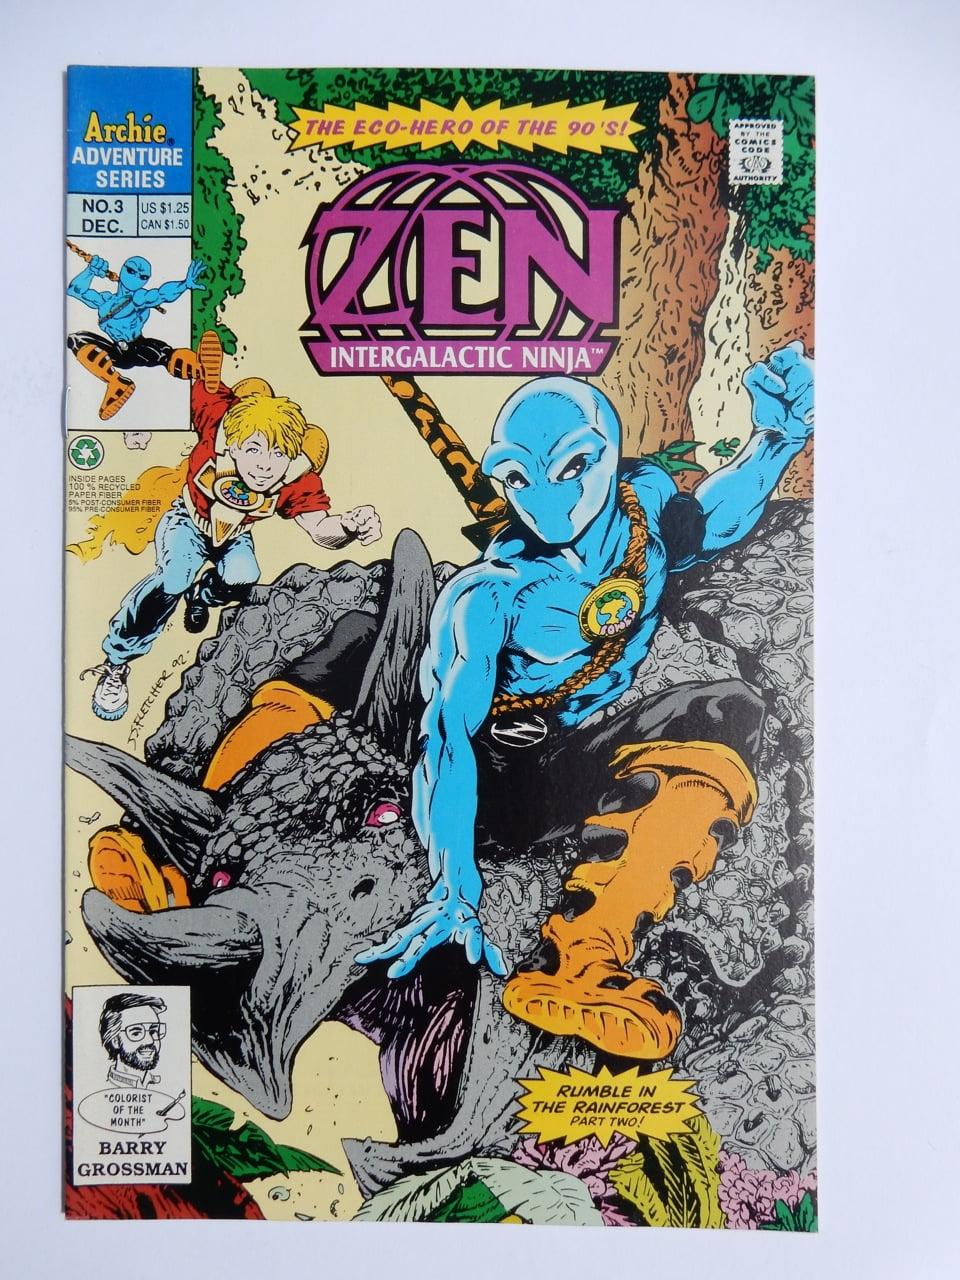 Zen Intergalactic Ninja #3